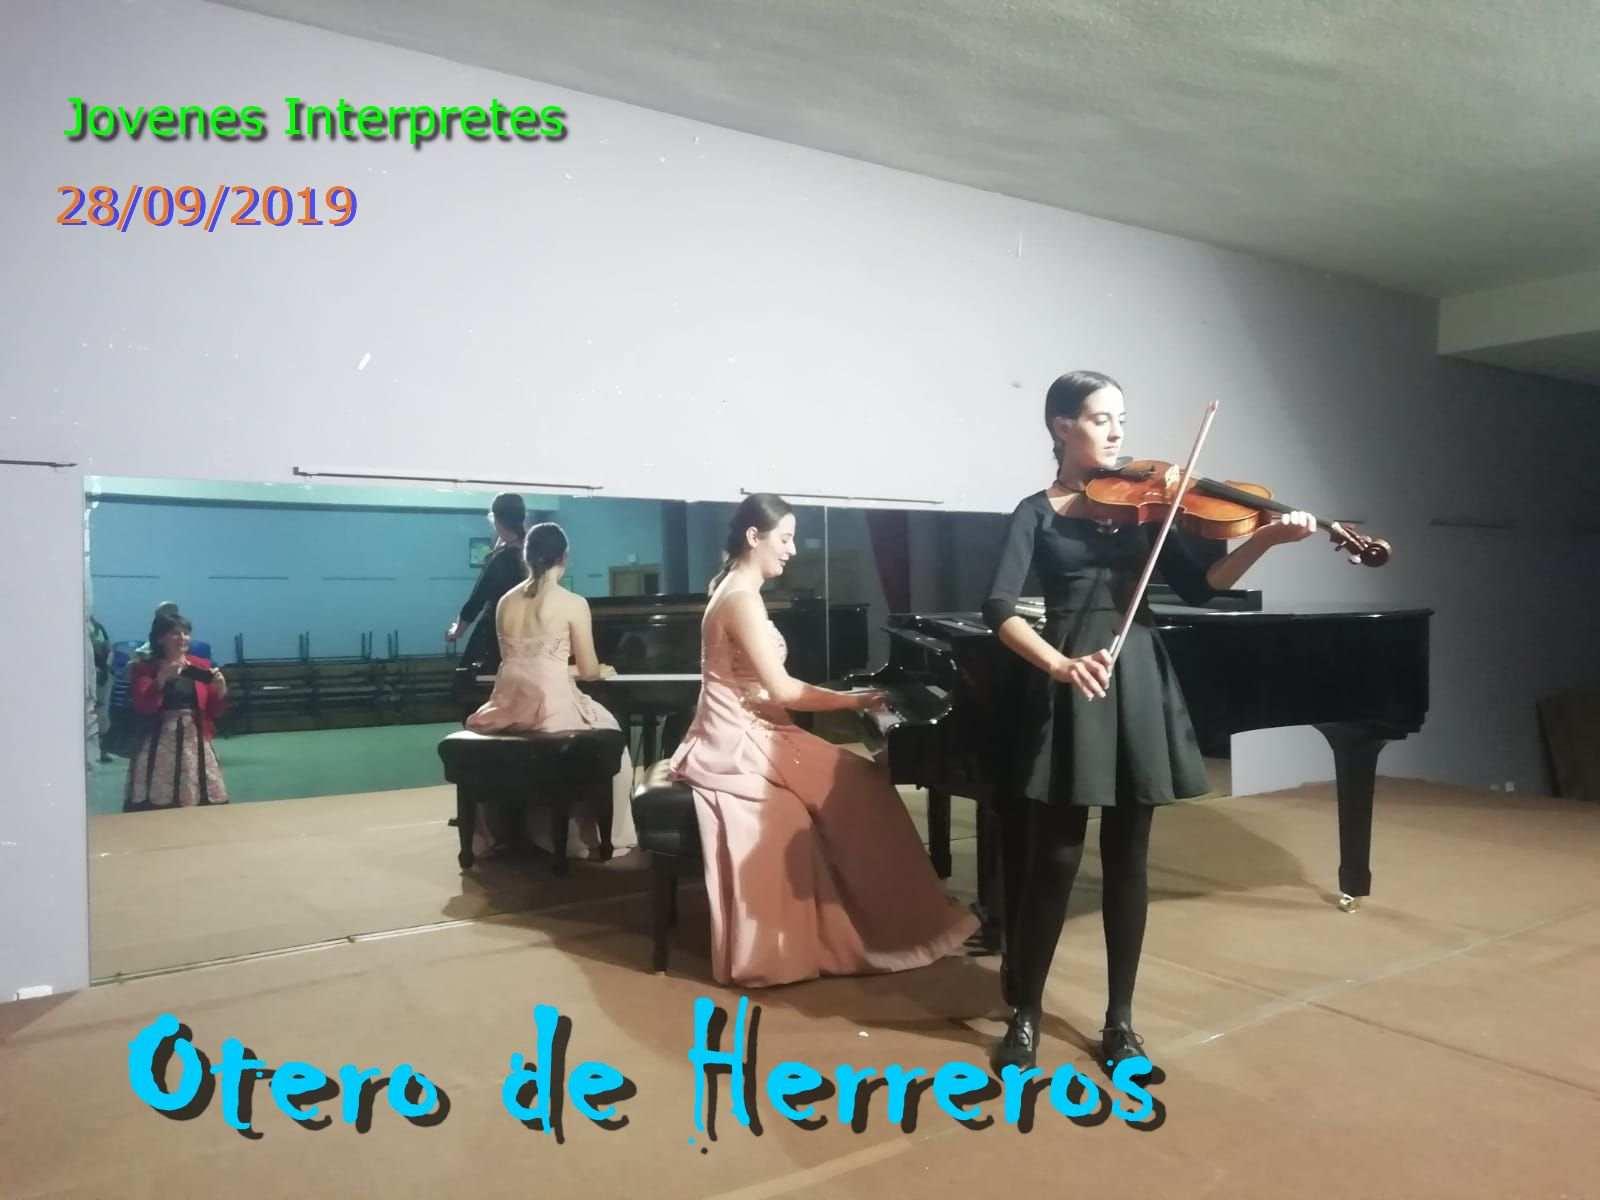 jovenes-interpretes-3